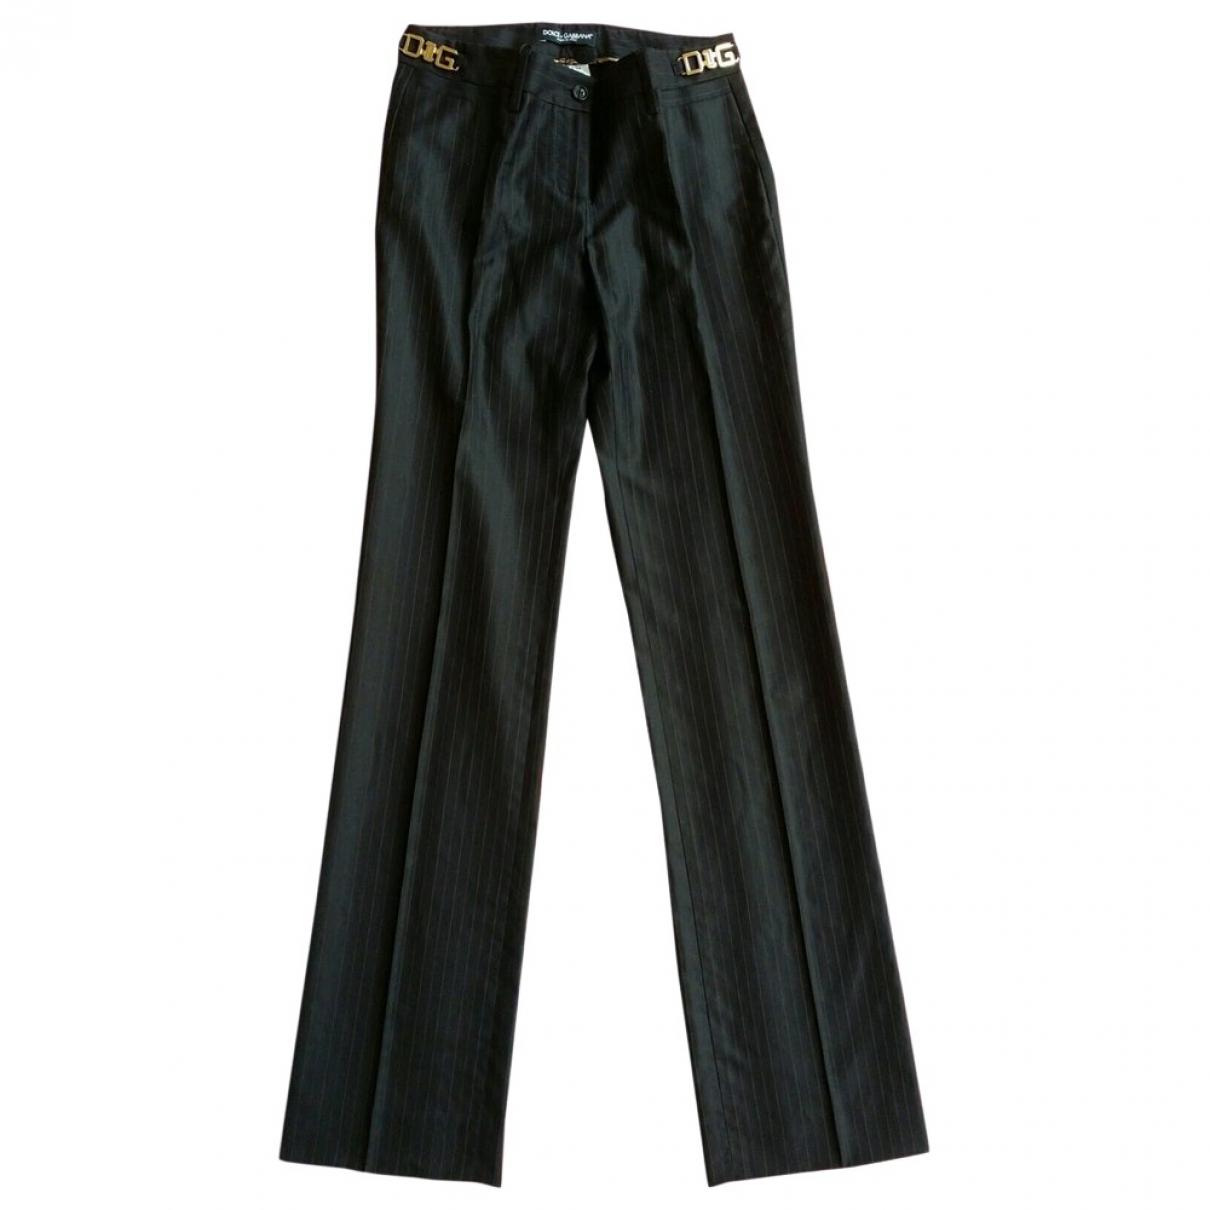 Pantalon recto de Lana Dolce & Gabbana